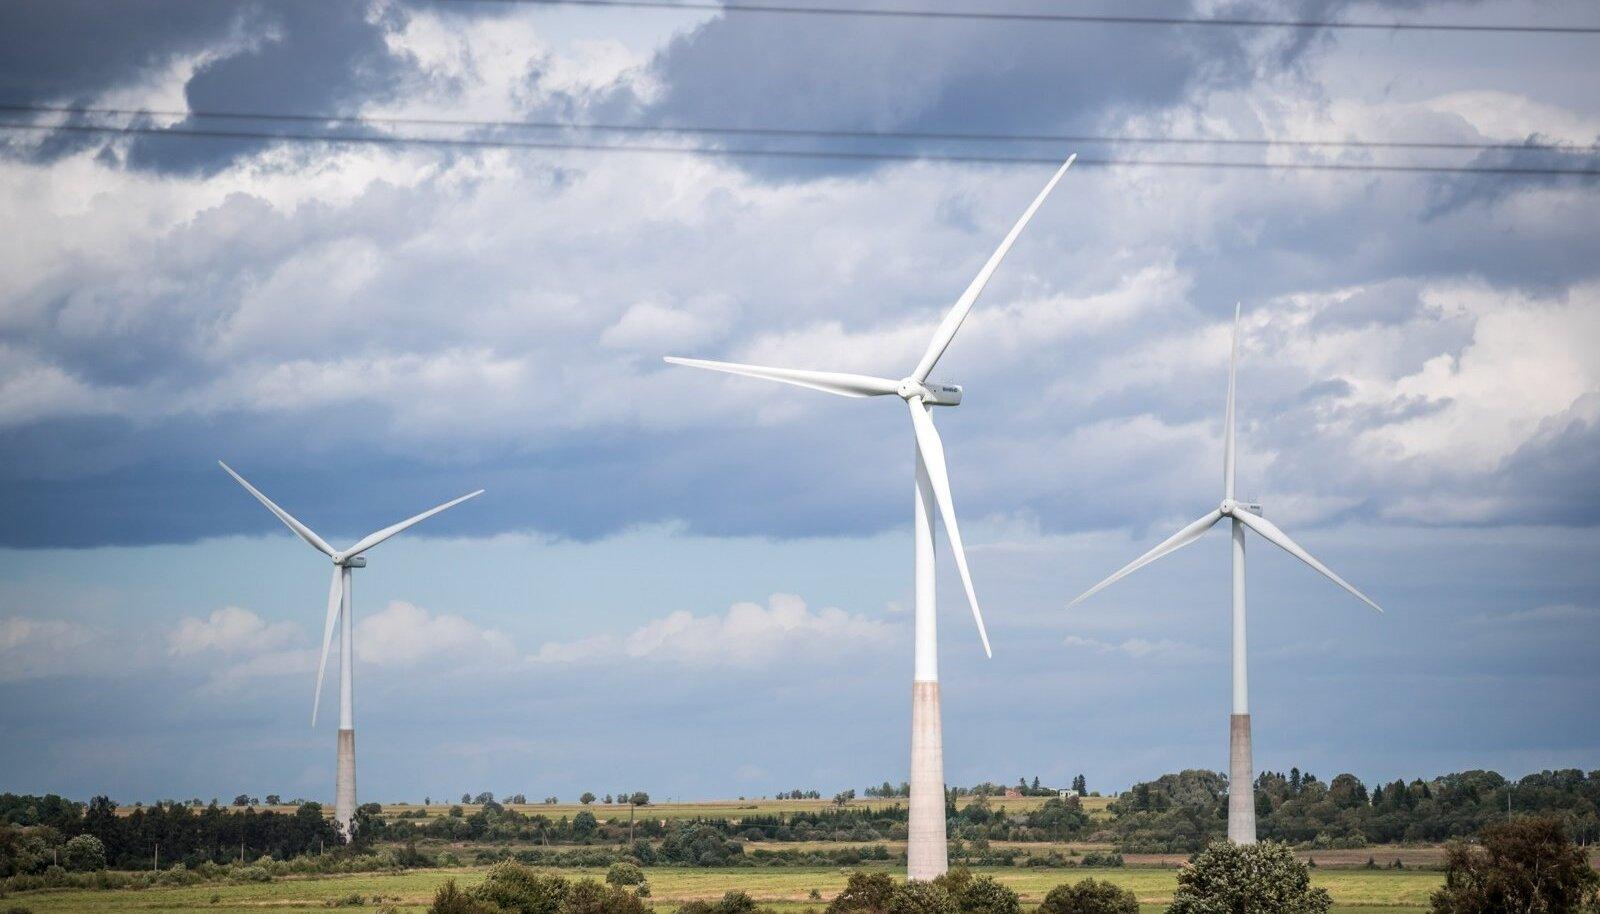 Positiivsed arengud on olnud märgatavad vaid taastuvelektri osakaalu suurenemise osas